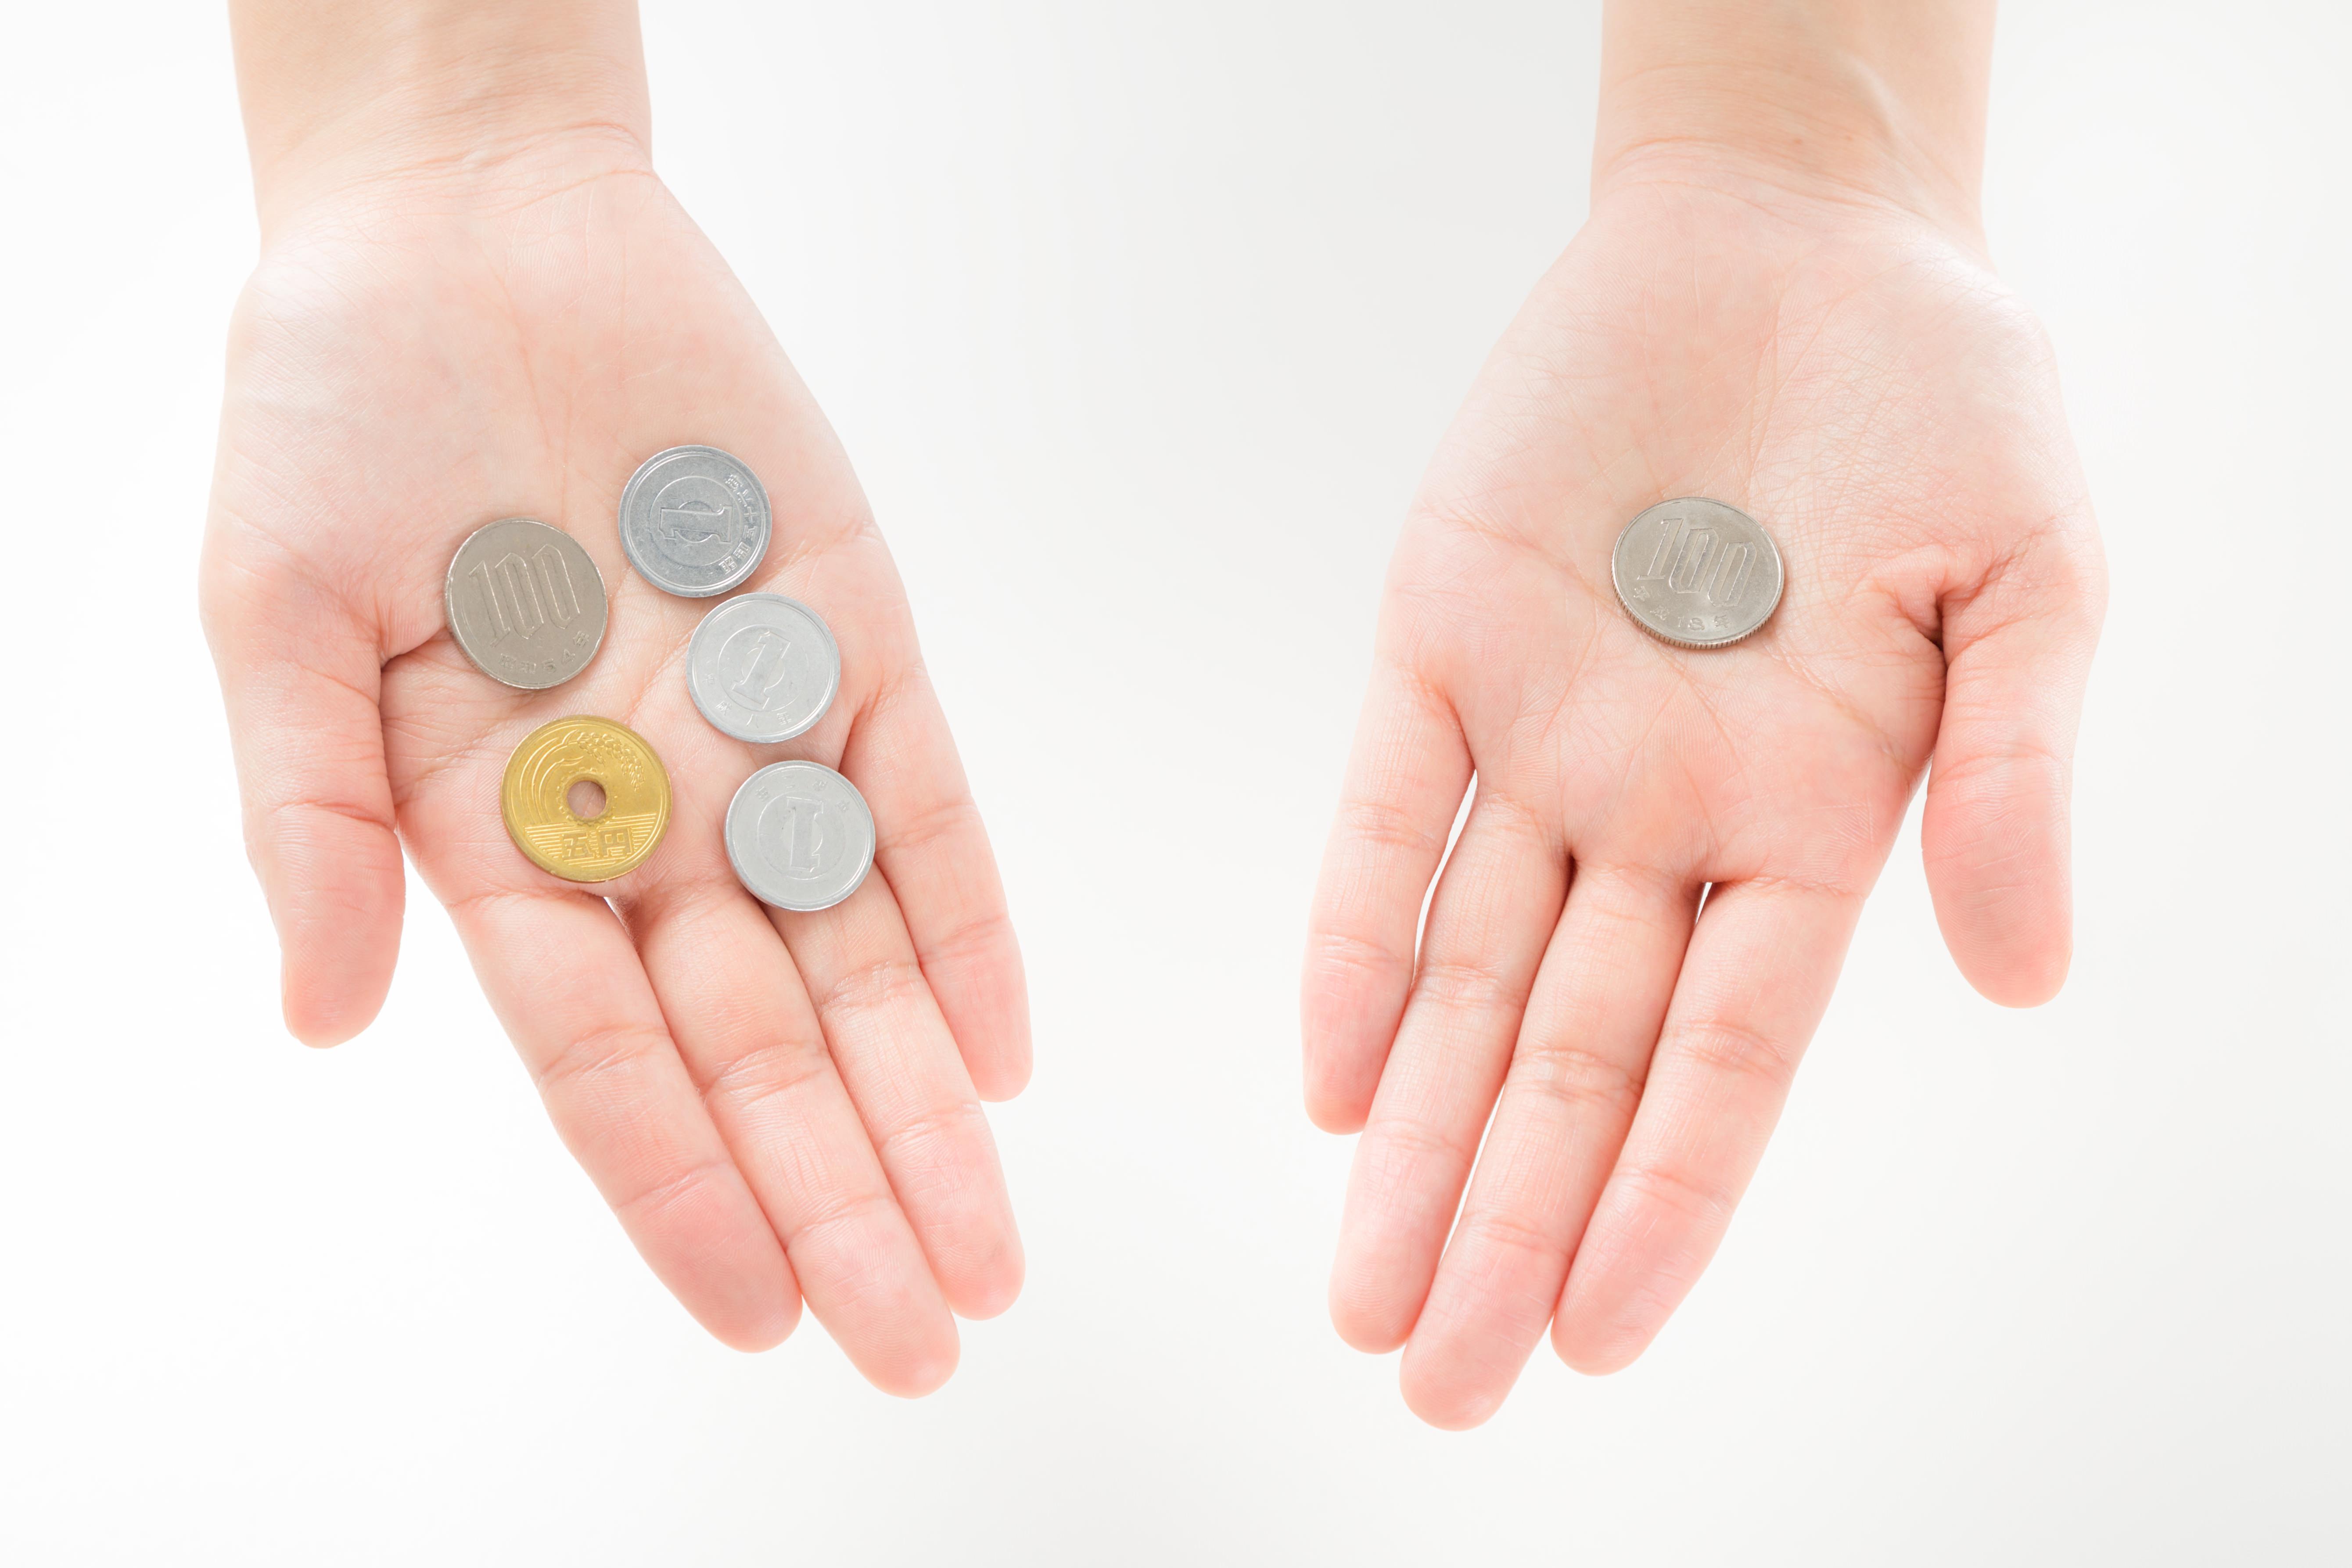 宿泊費を抑える方法